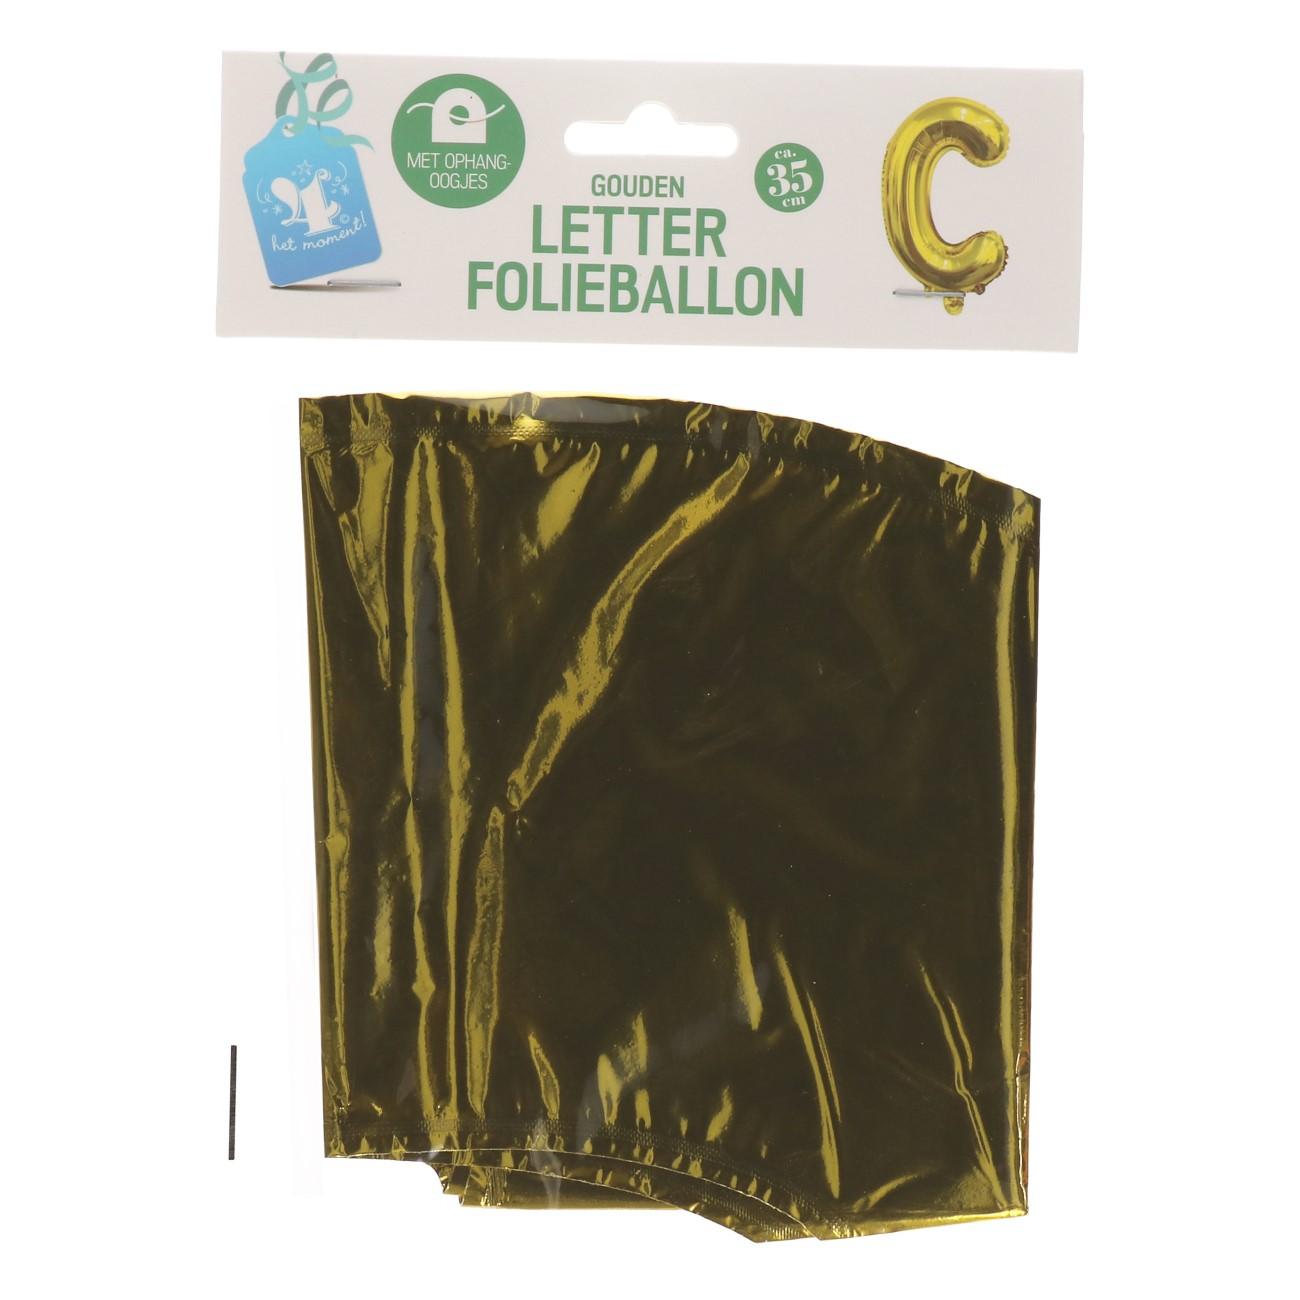 Folieballon letter goud C